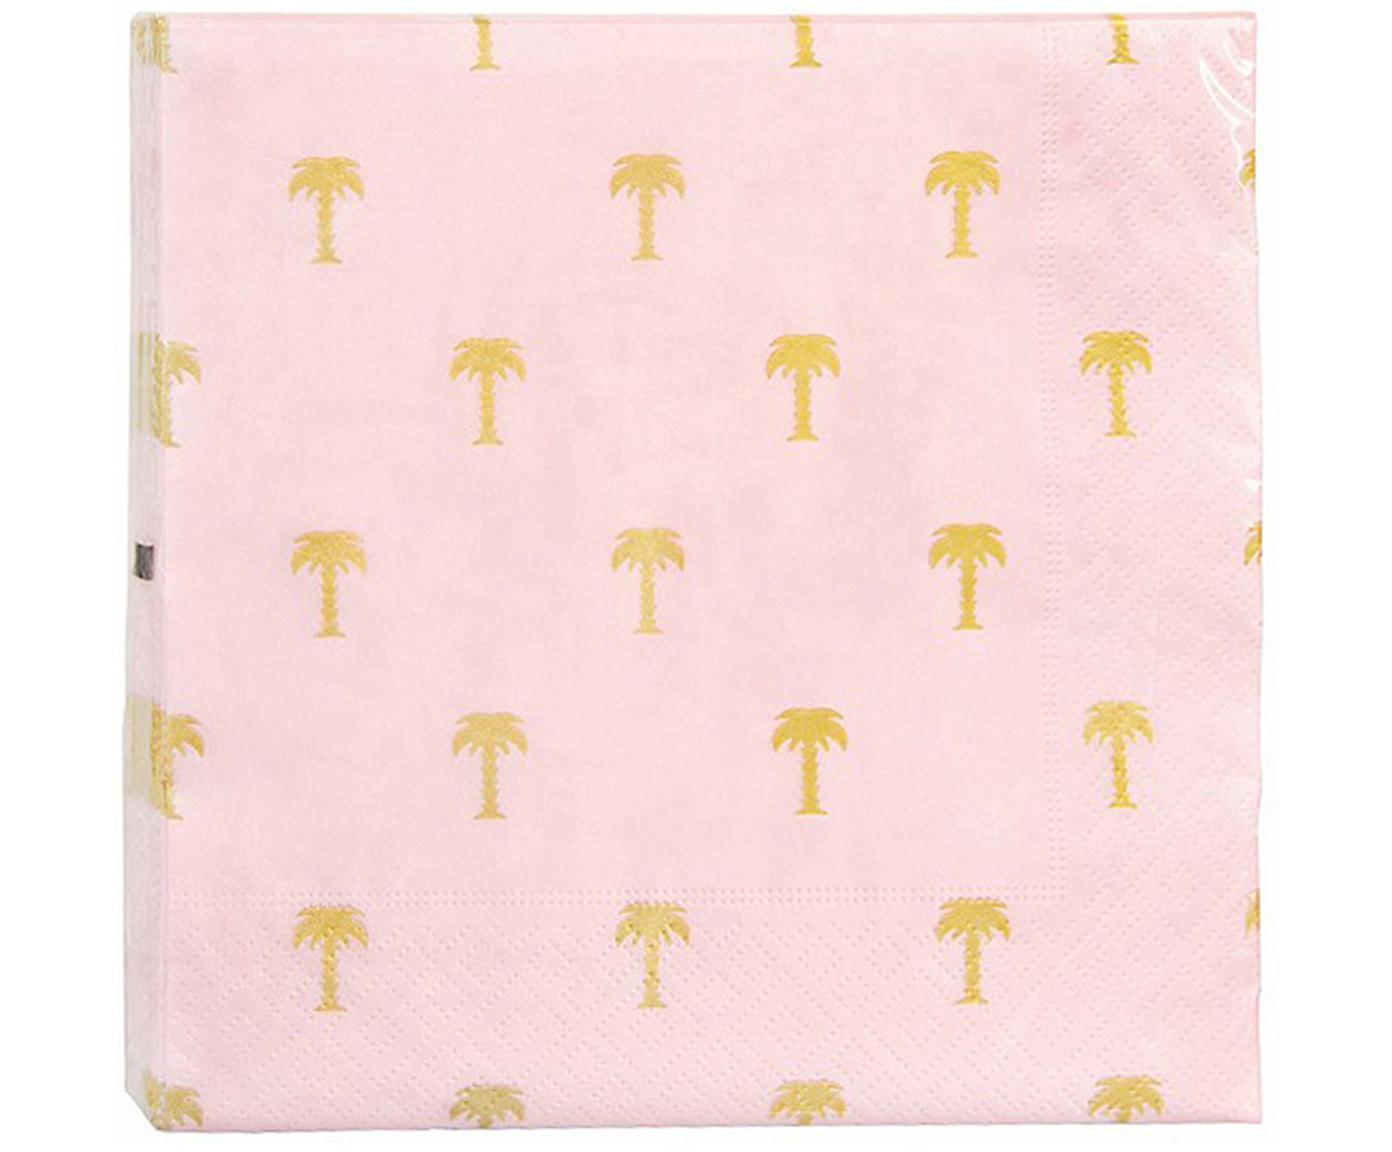 Papier-Servietten Palmtree, 20 Stück, Papier, Rosa, Goldfarben, 17 x 17 cm